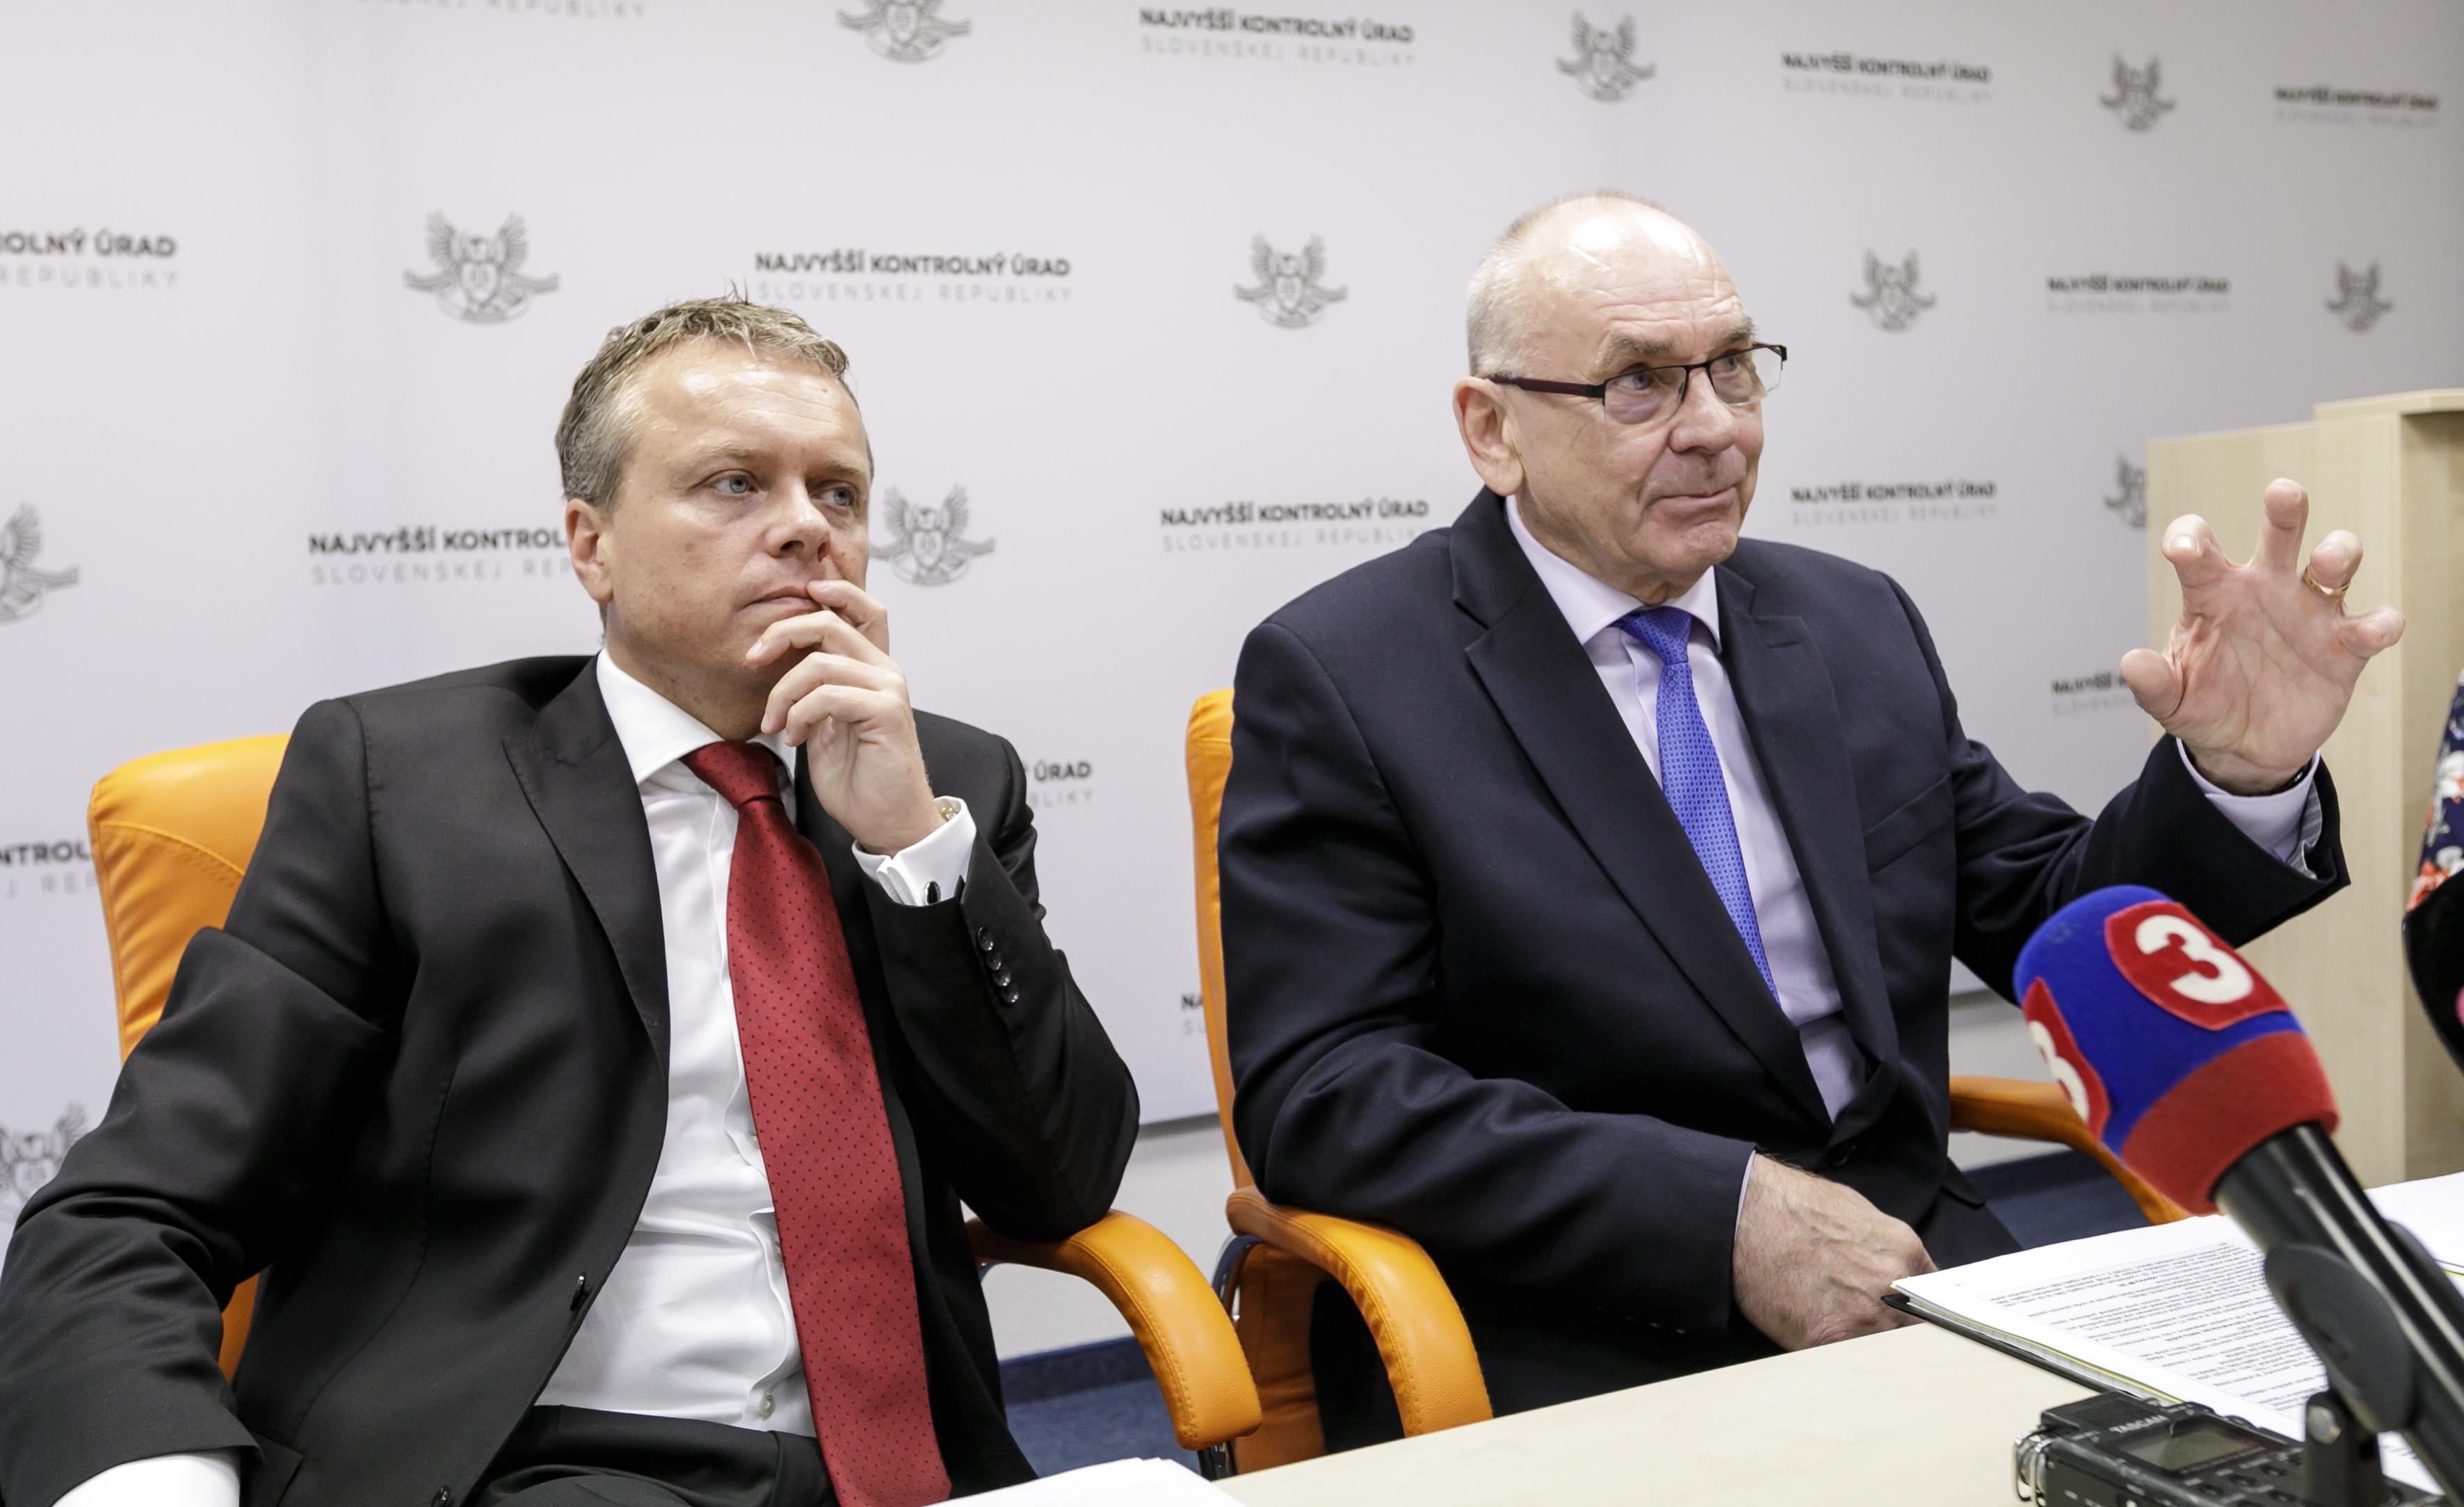 Ľ. Andrassy, gen. riaditeľ kancelárie a Karol Mitrík, predseda NKÚ SR